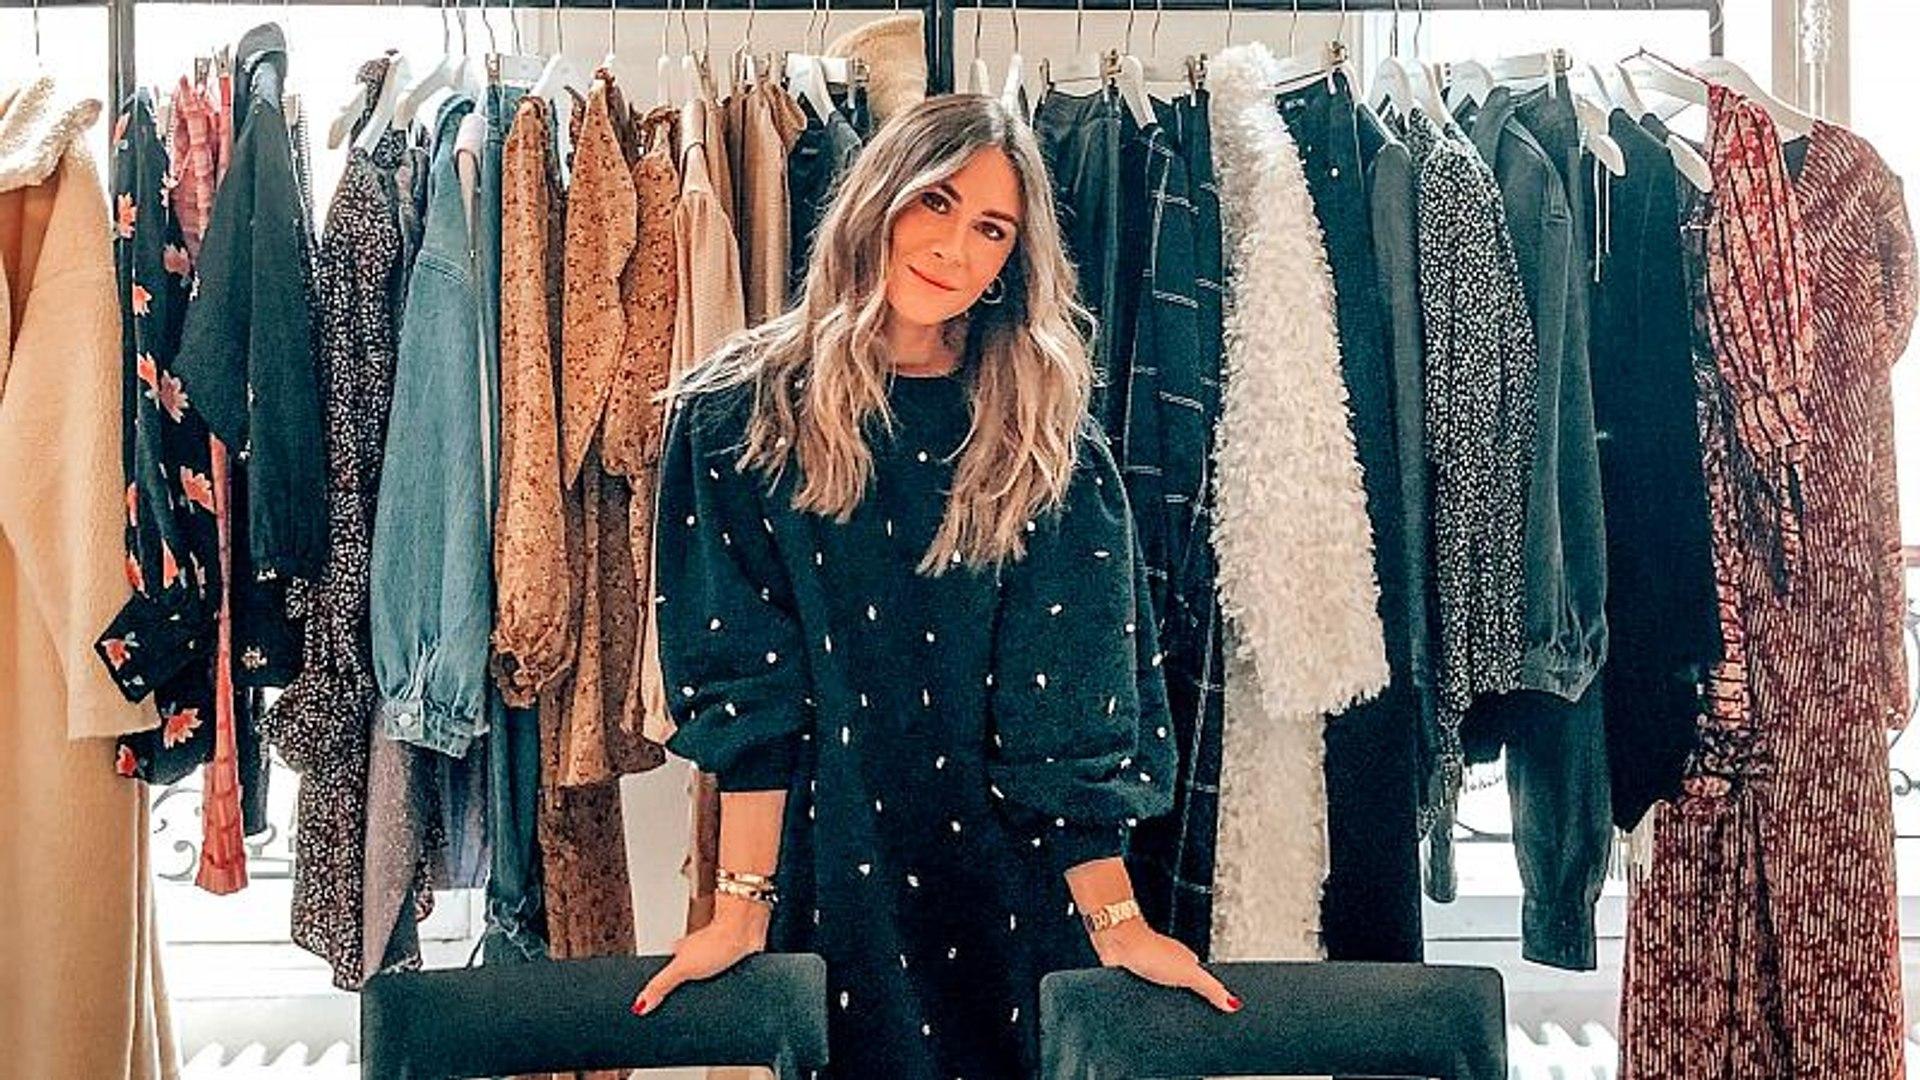 Tasarımcı Selma Çilek Çiftçi: Moda diye bir şeyi üzerimize geçirmemiz yanlış